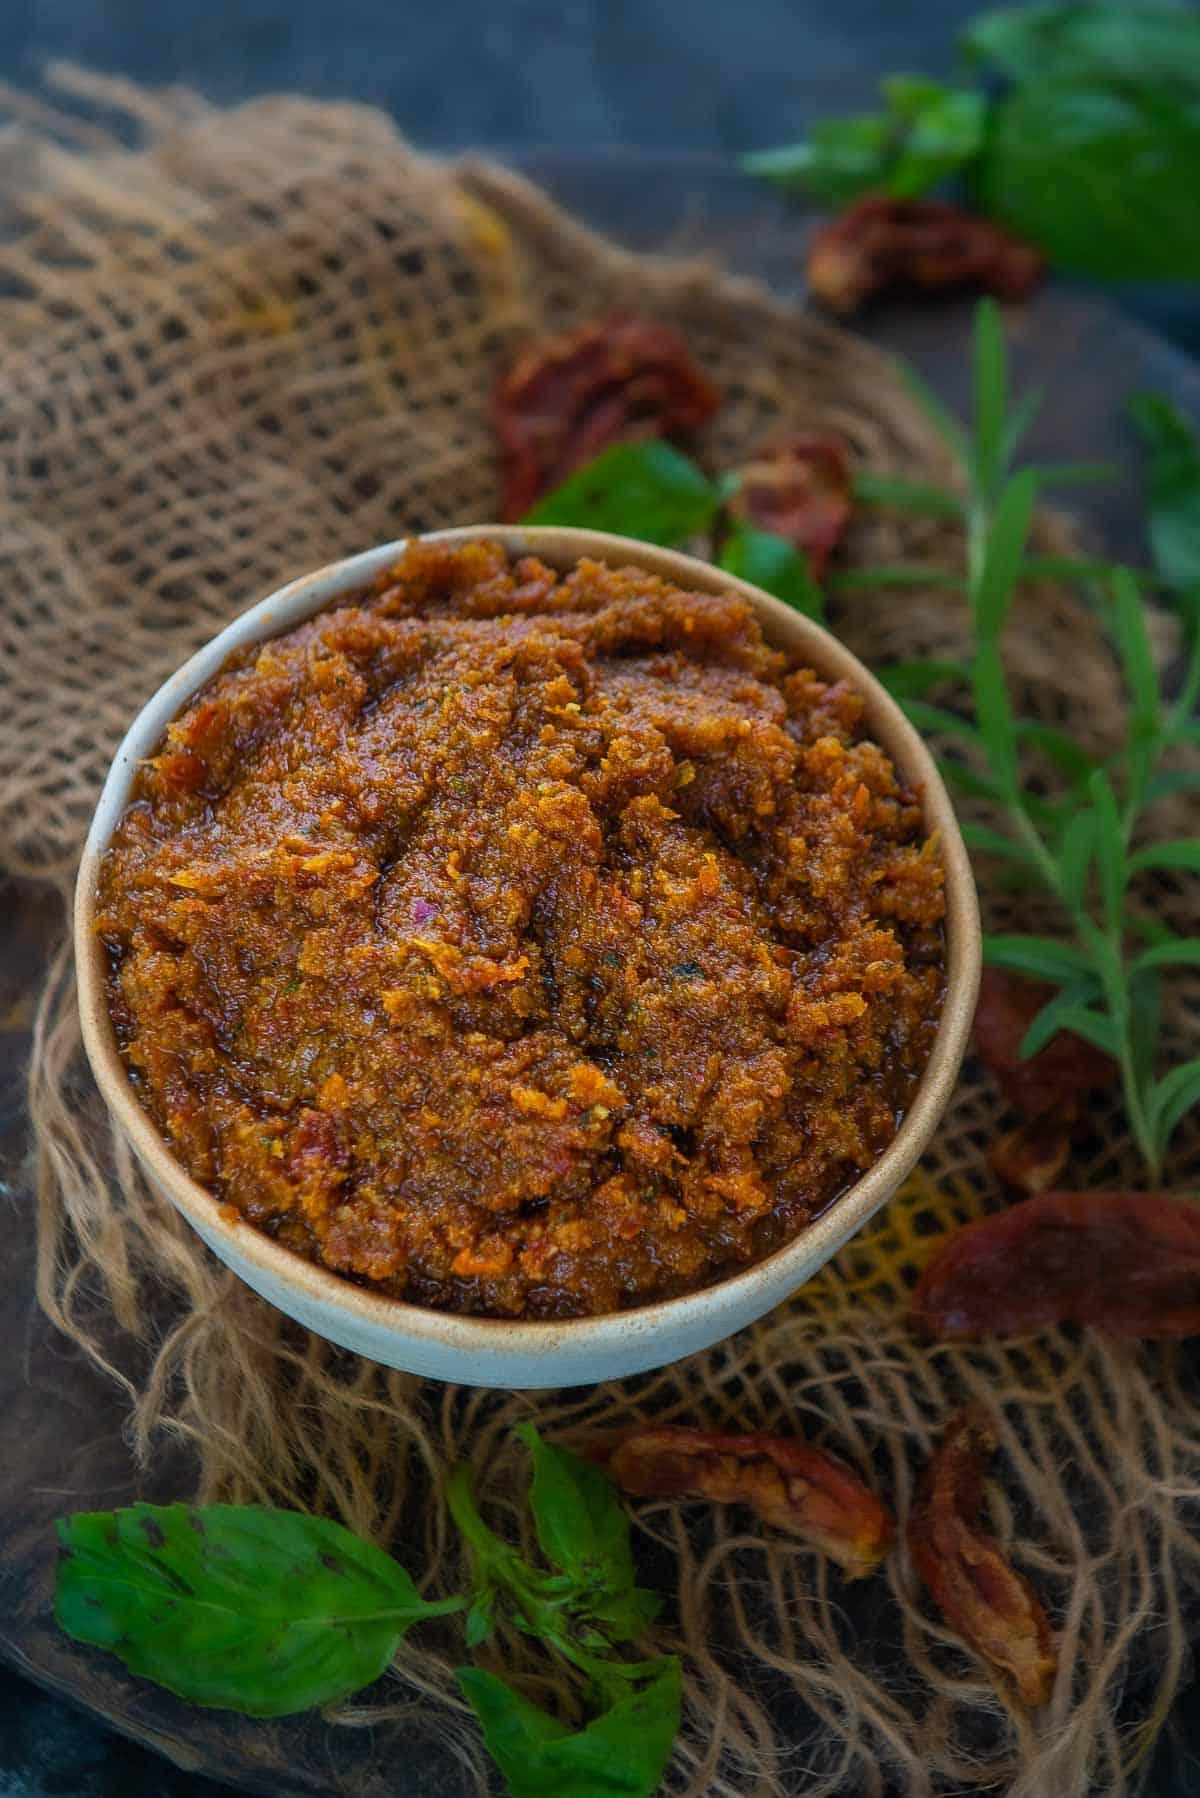 Sun Dried Tomato Pesto served in a bowl.